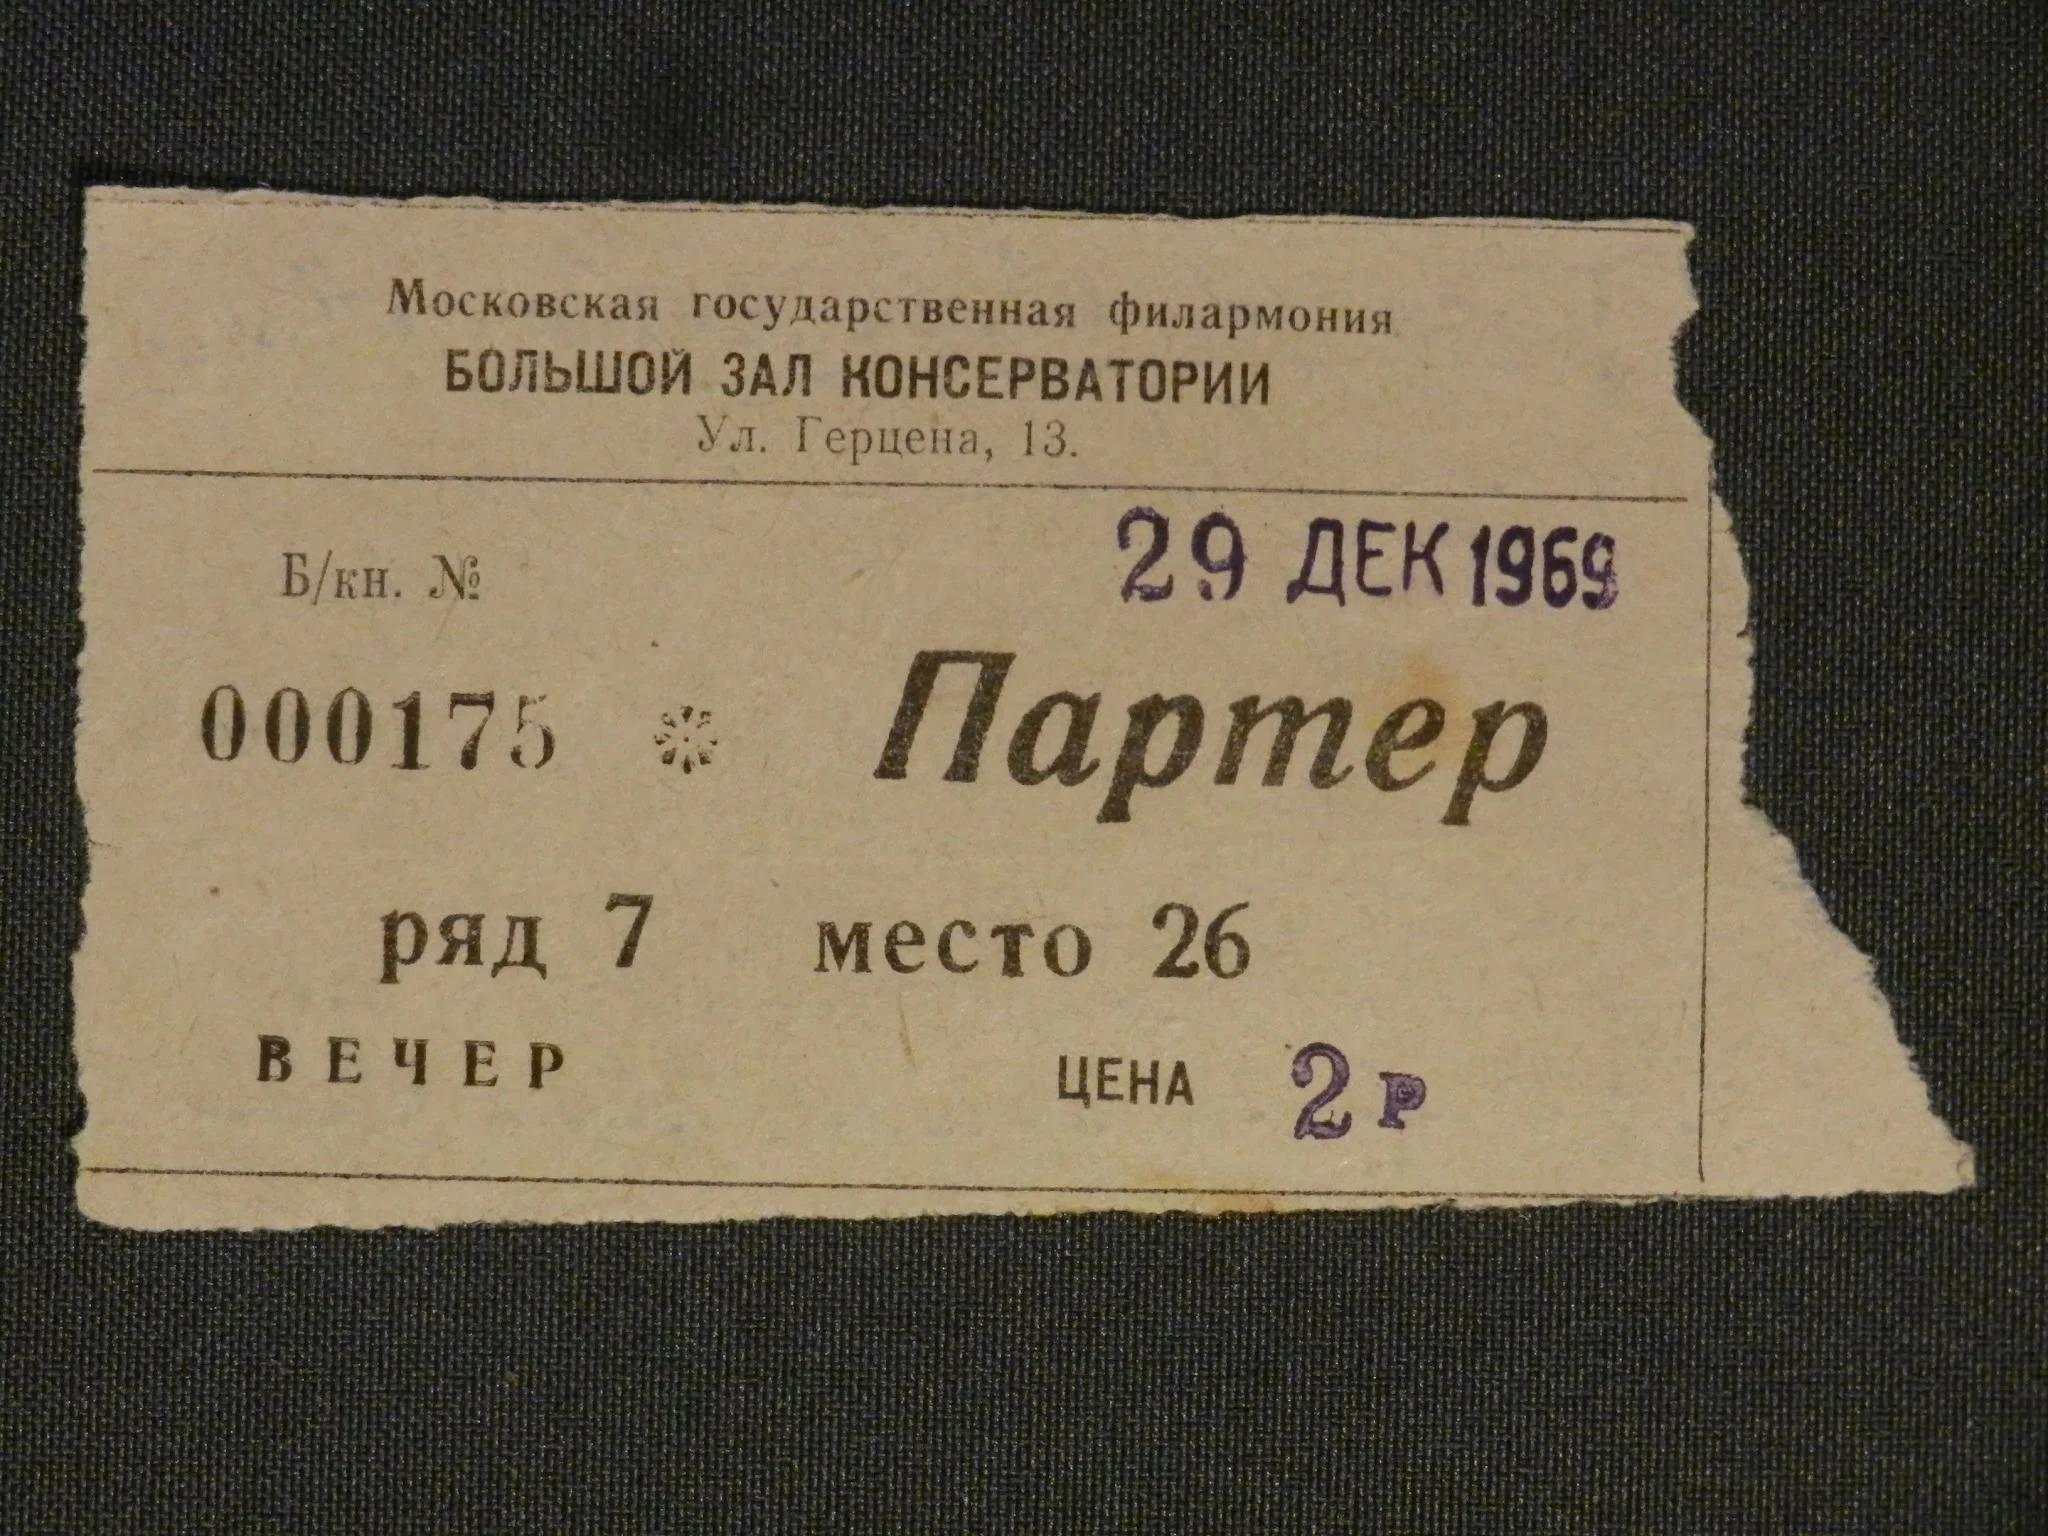 Большой зал Московской консерватории. Если билеты в отеле будут распроданы (их всегда очень мало), вы все равно можете купить билеты в кассе